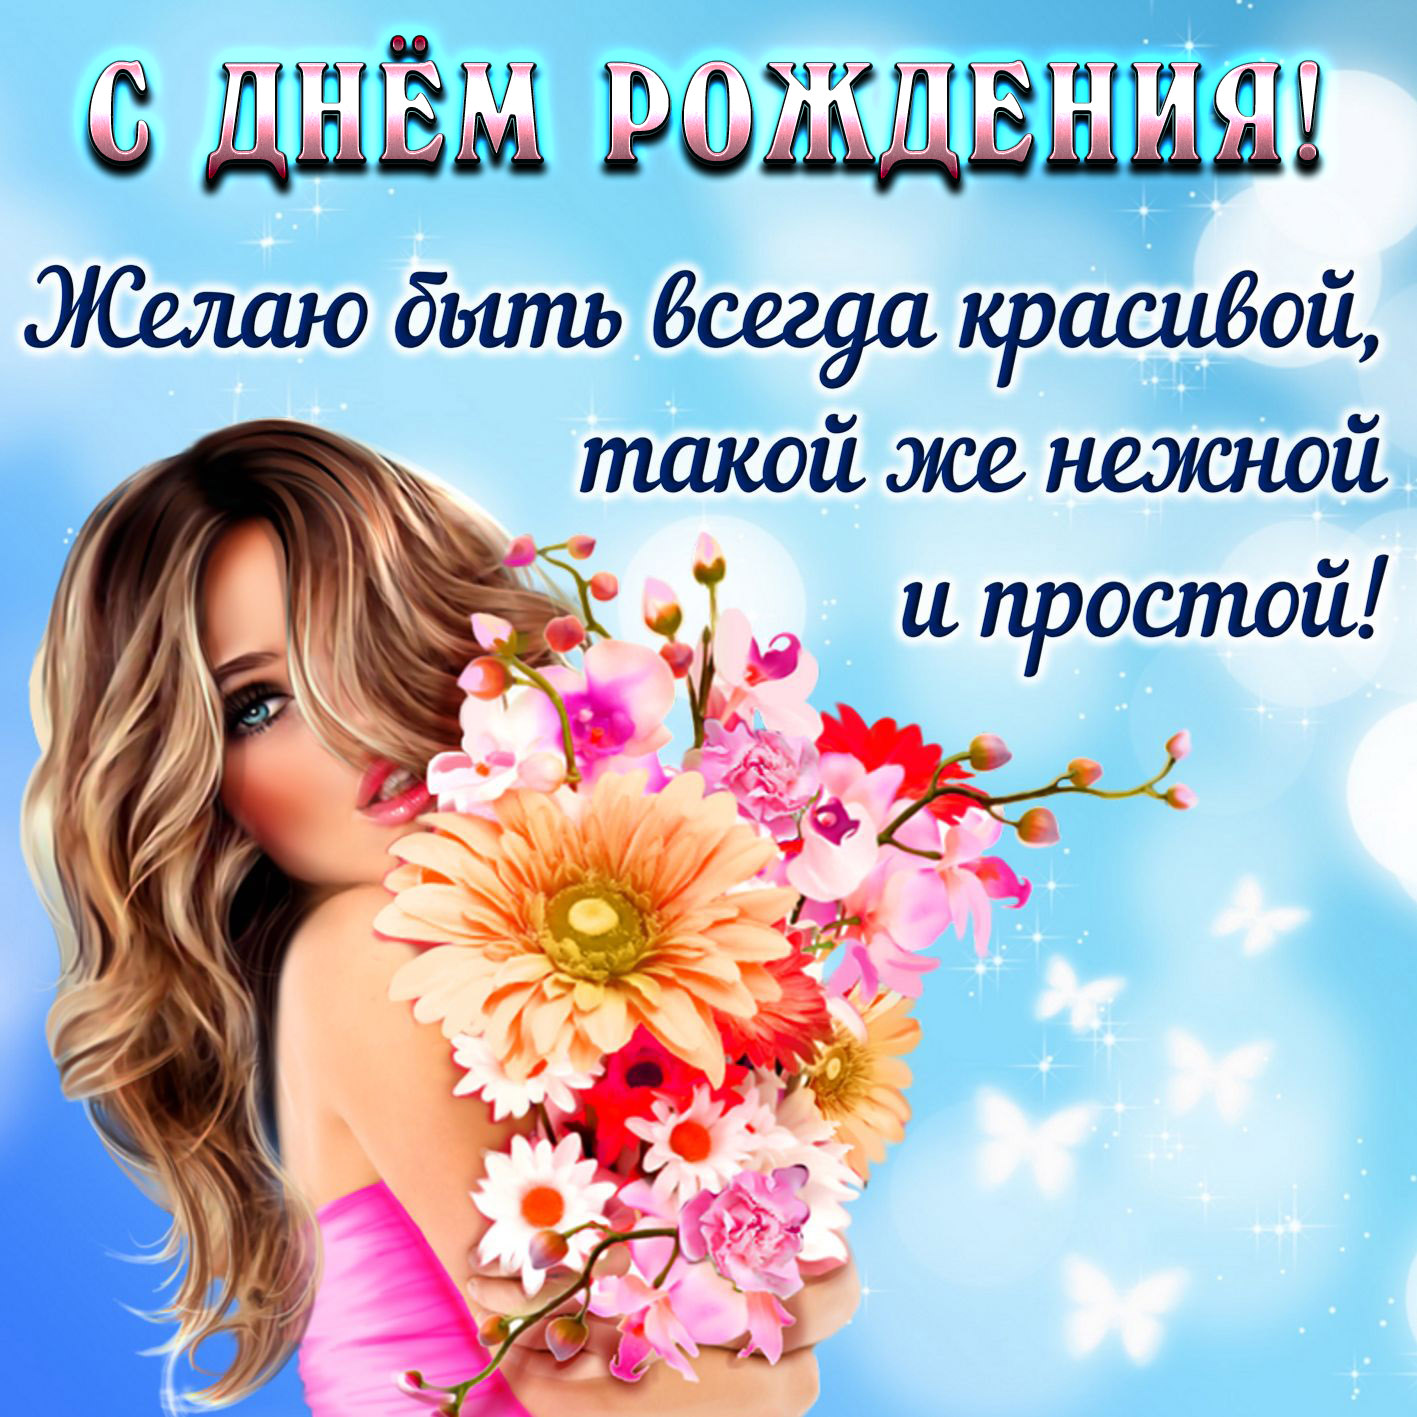 Открытка прекрасная женщина прекрасна всегда, картинки марта пожеланиями